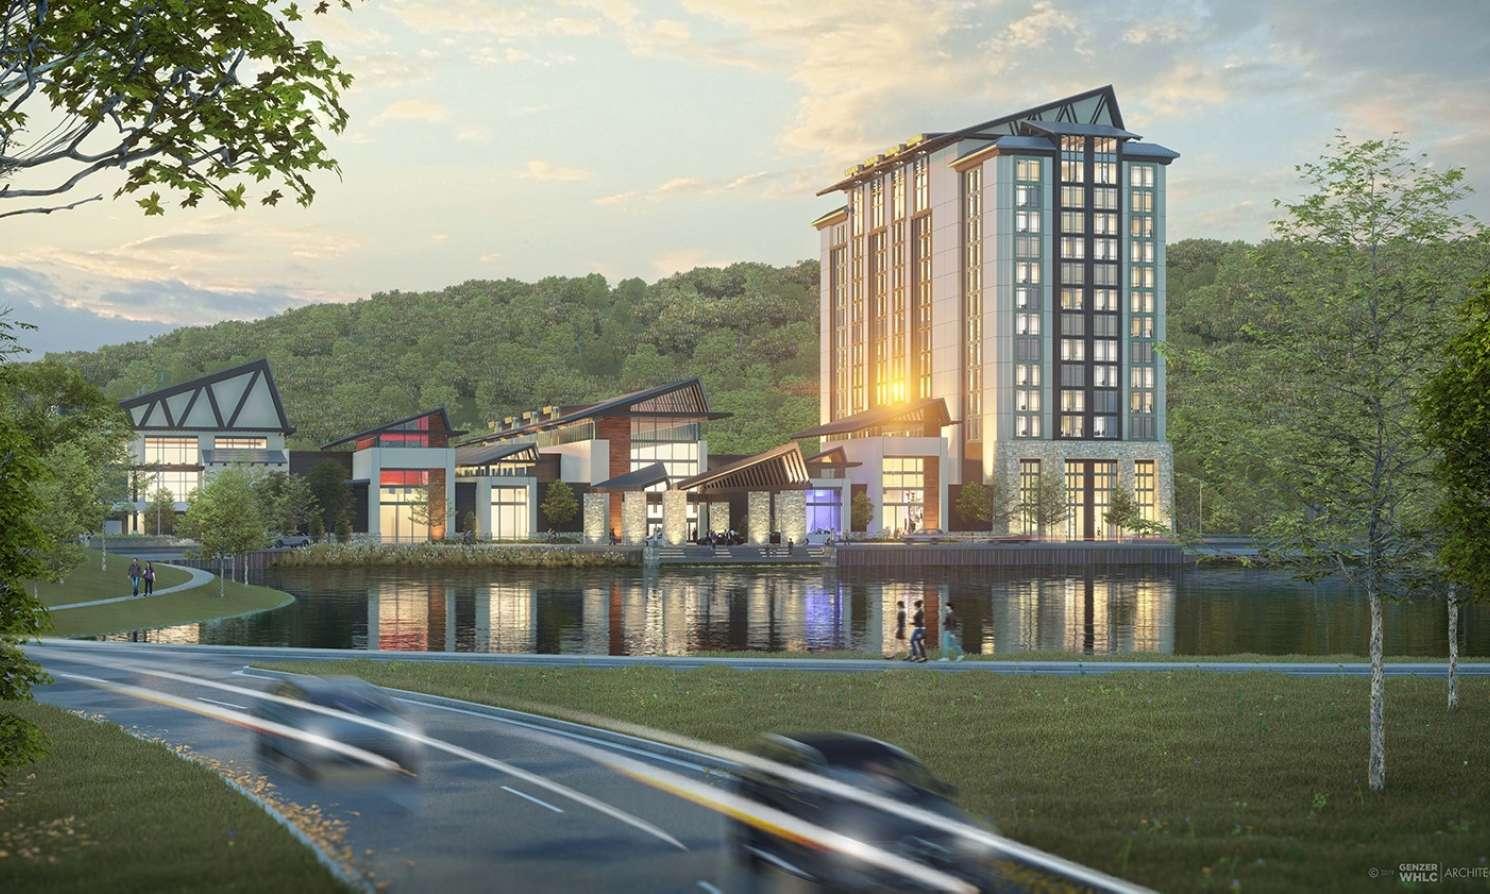 Arkansas Casino Hotel pr A v1 F r ws